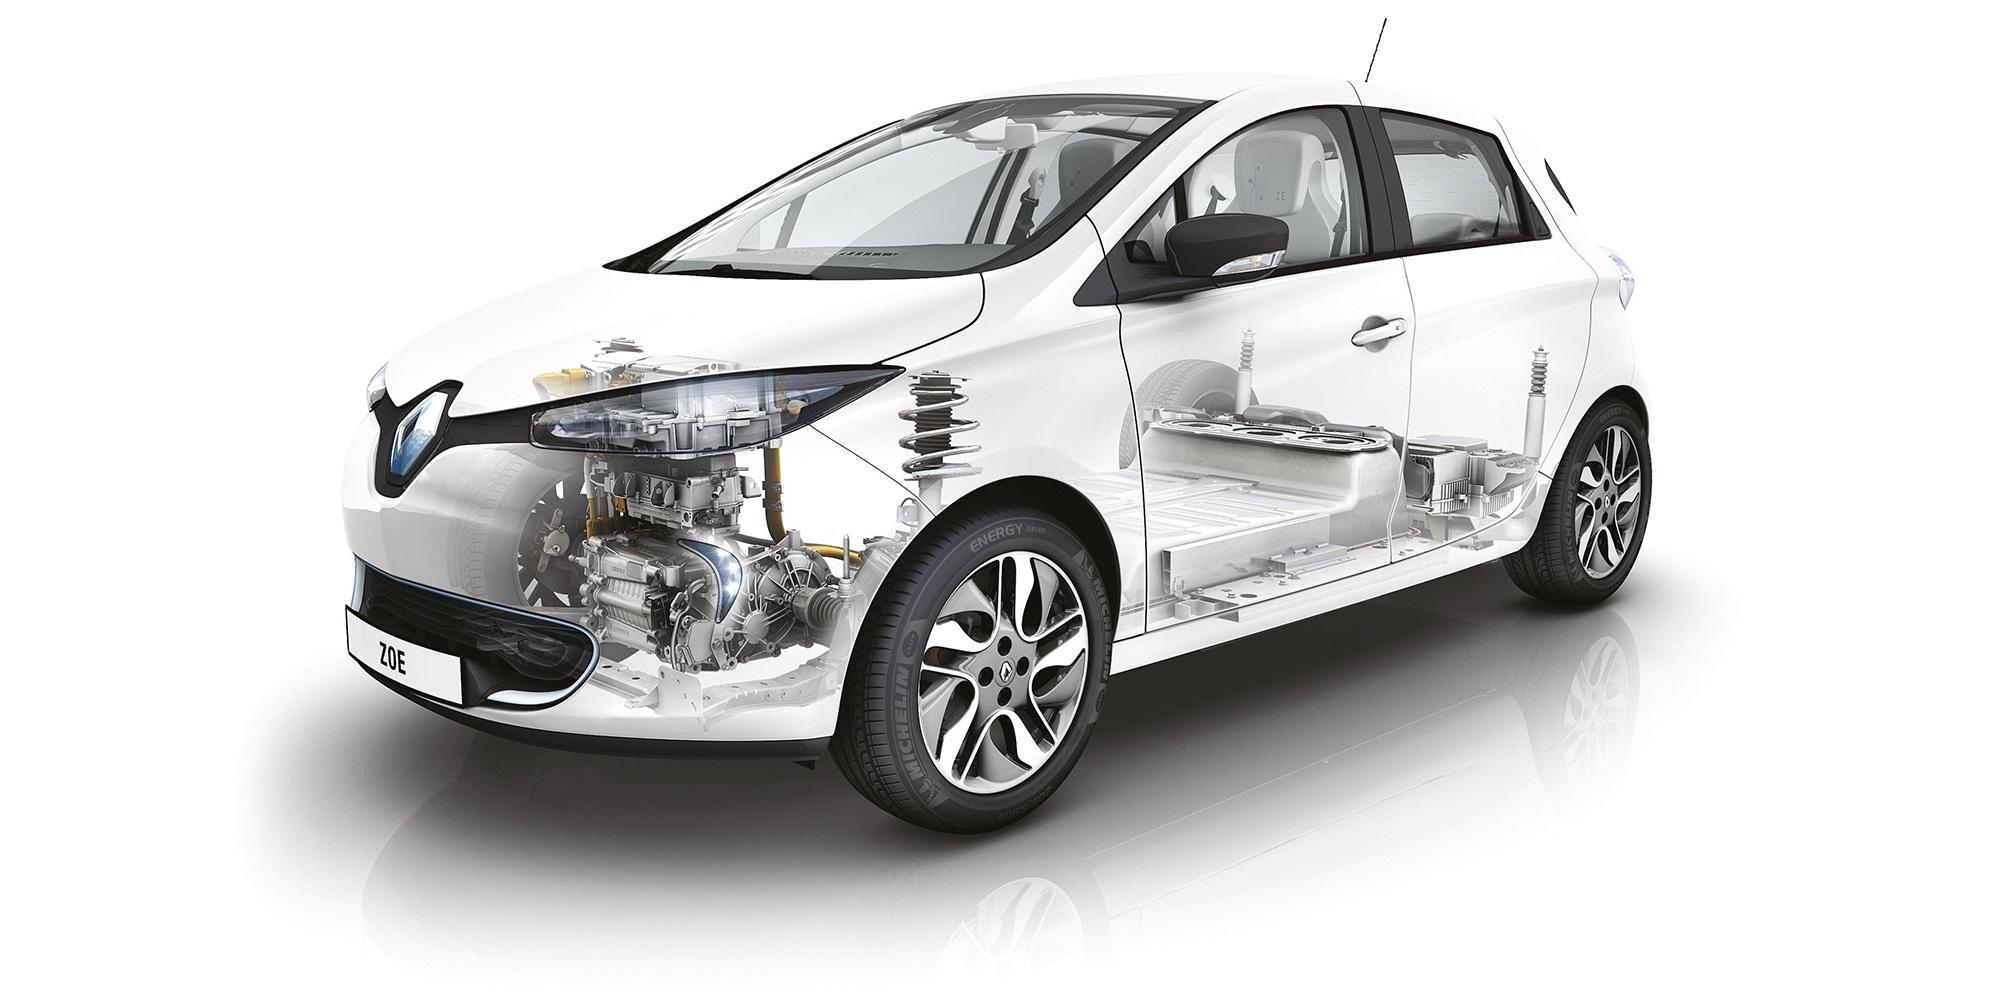 Renault ZOE meistert Härtetest unter Extrembedingungen